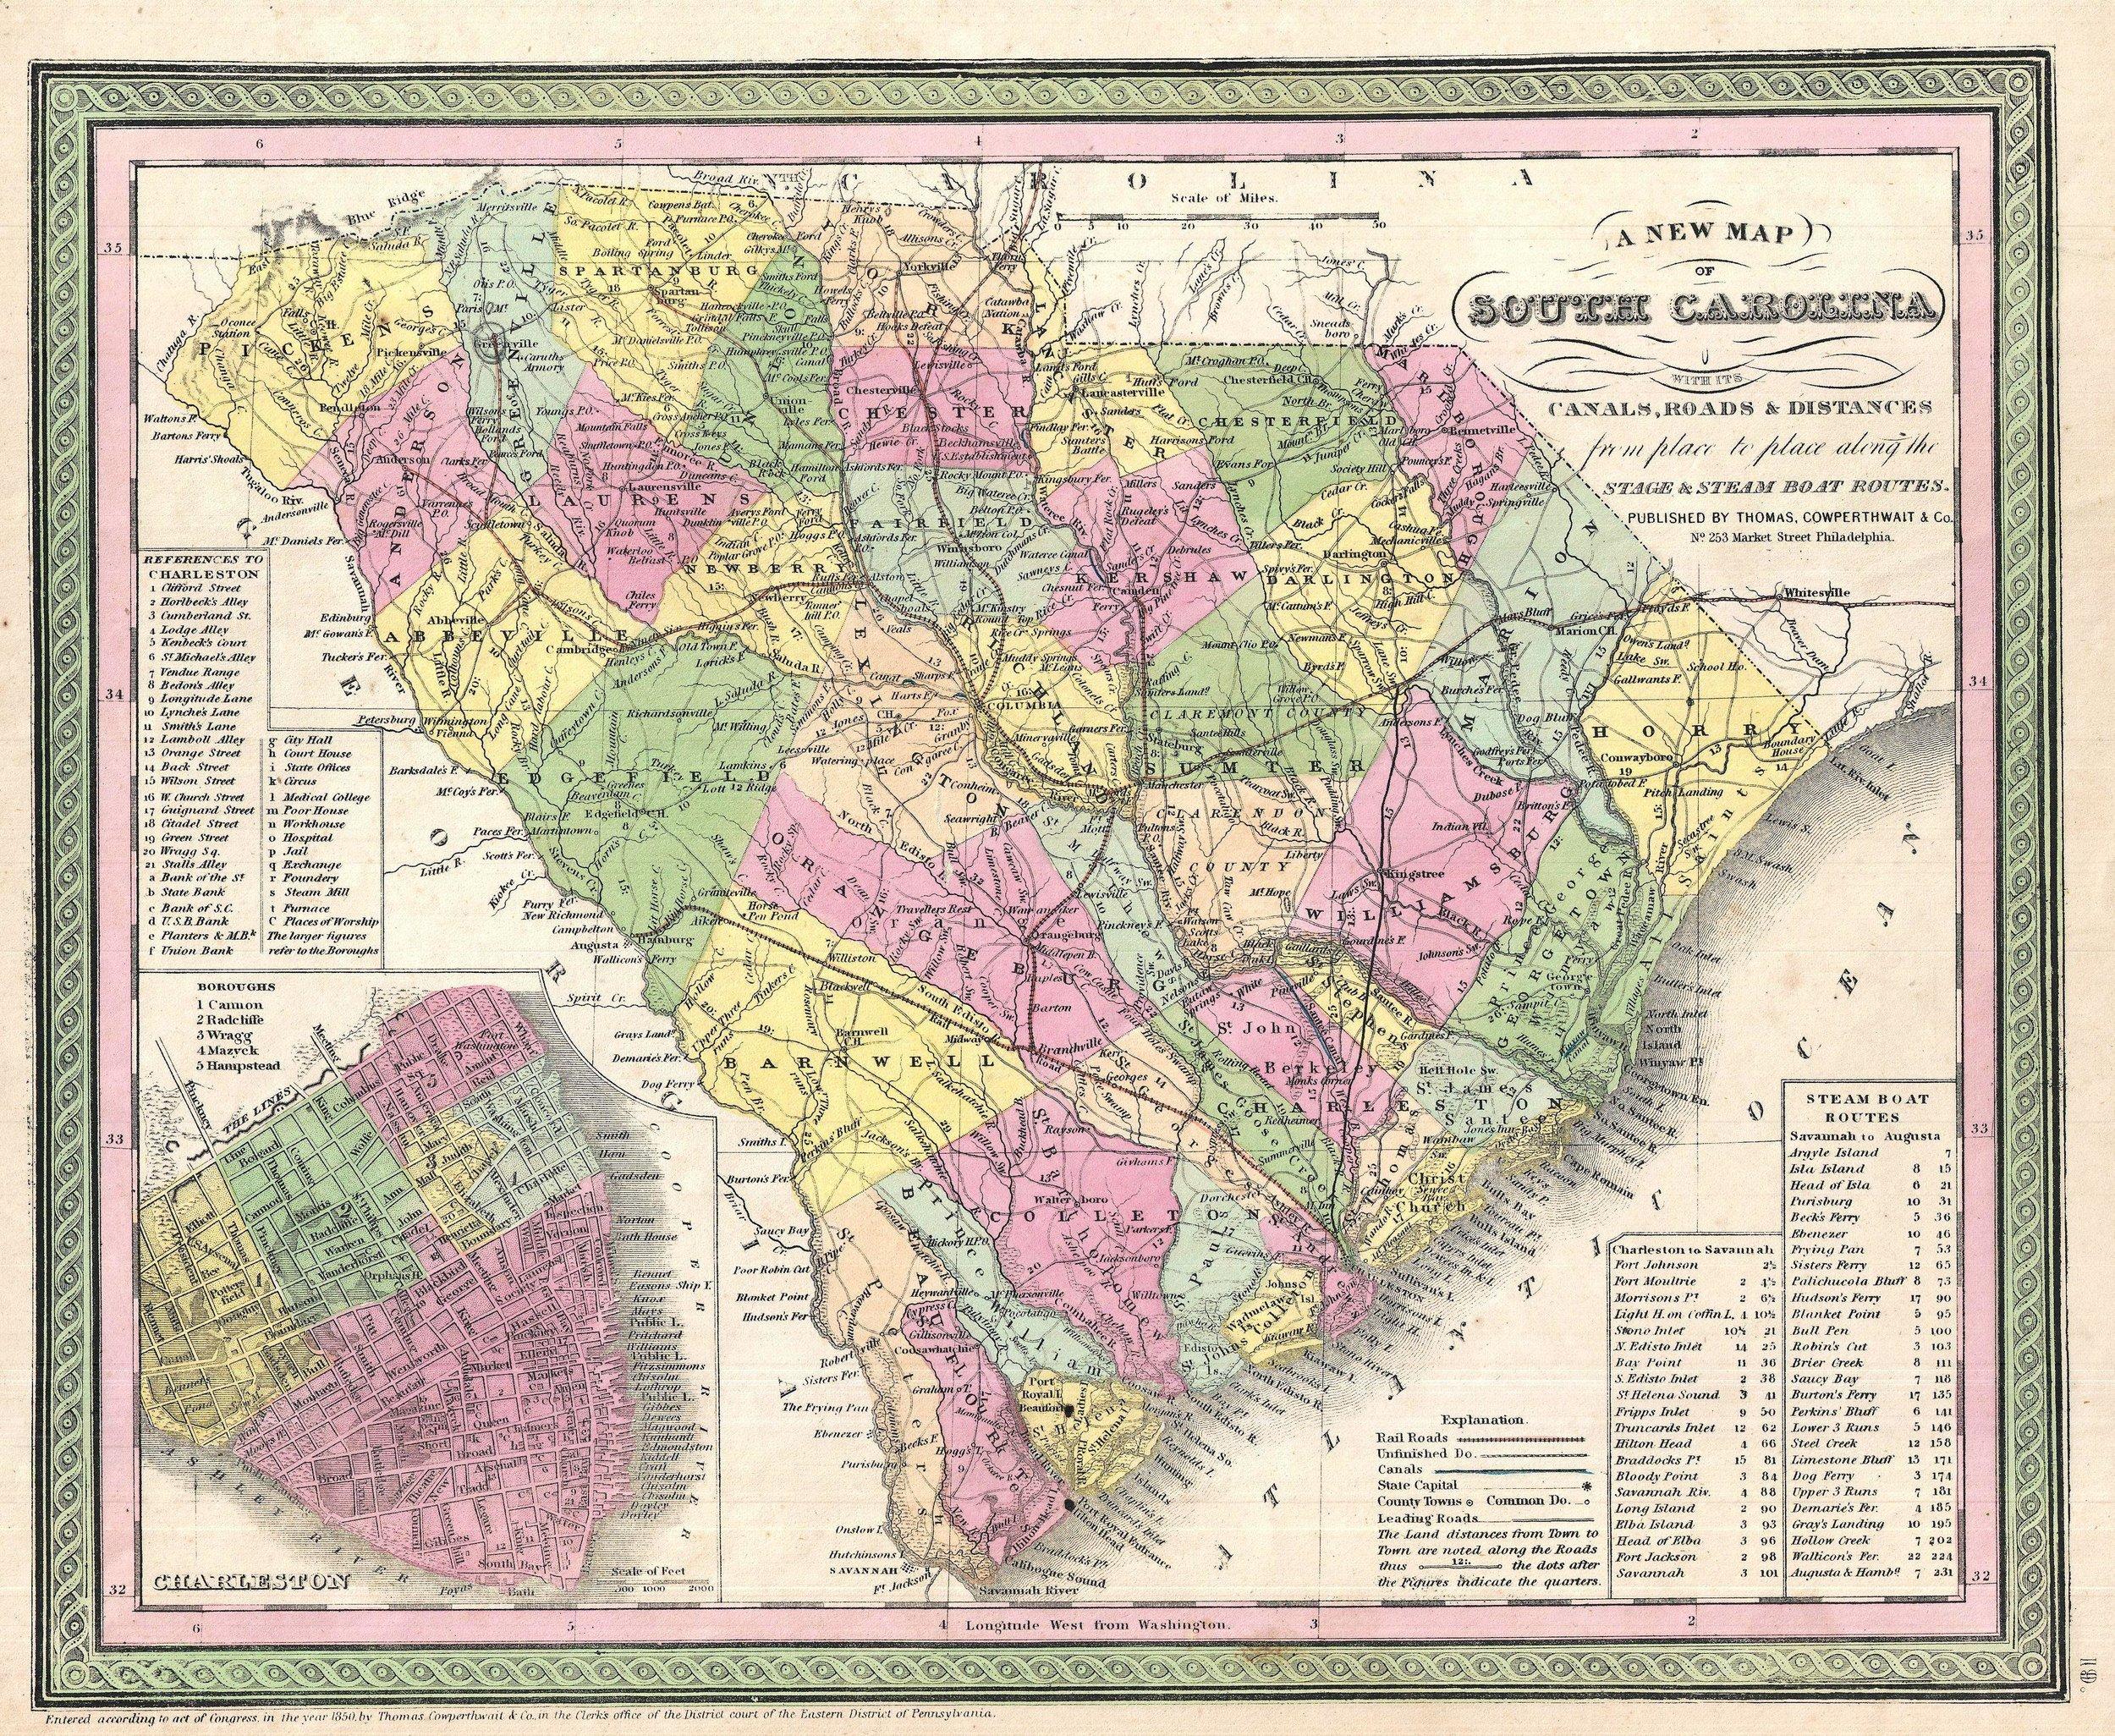 SC historical map.jpg